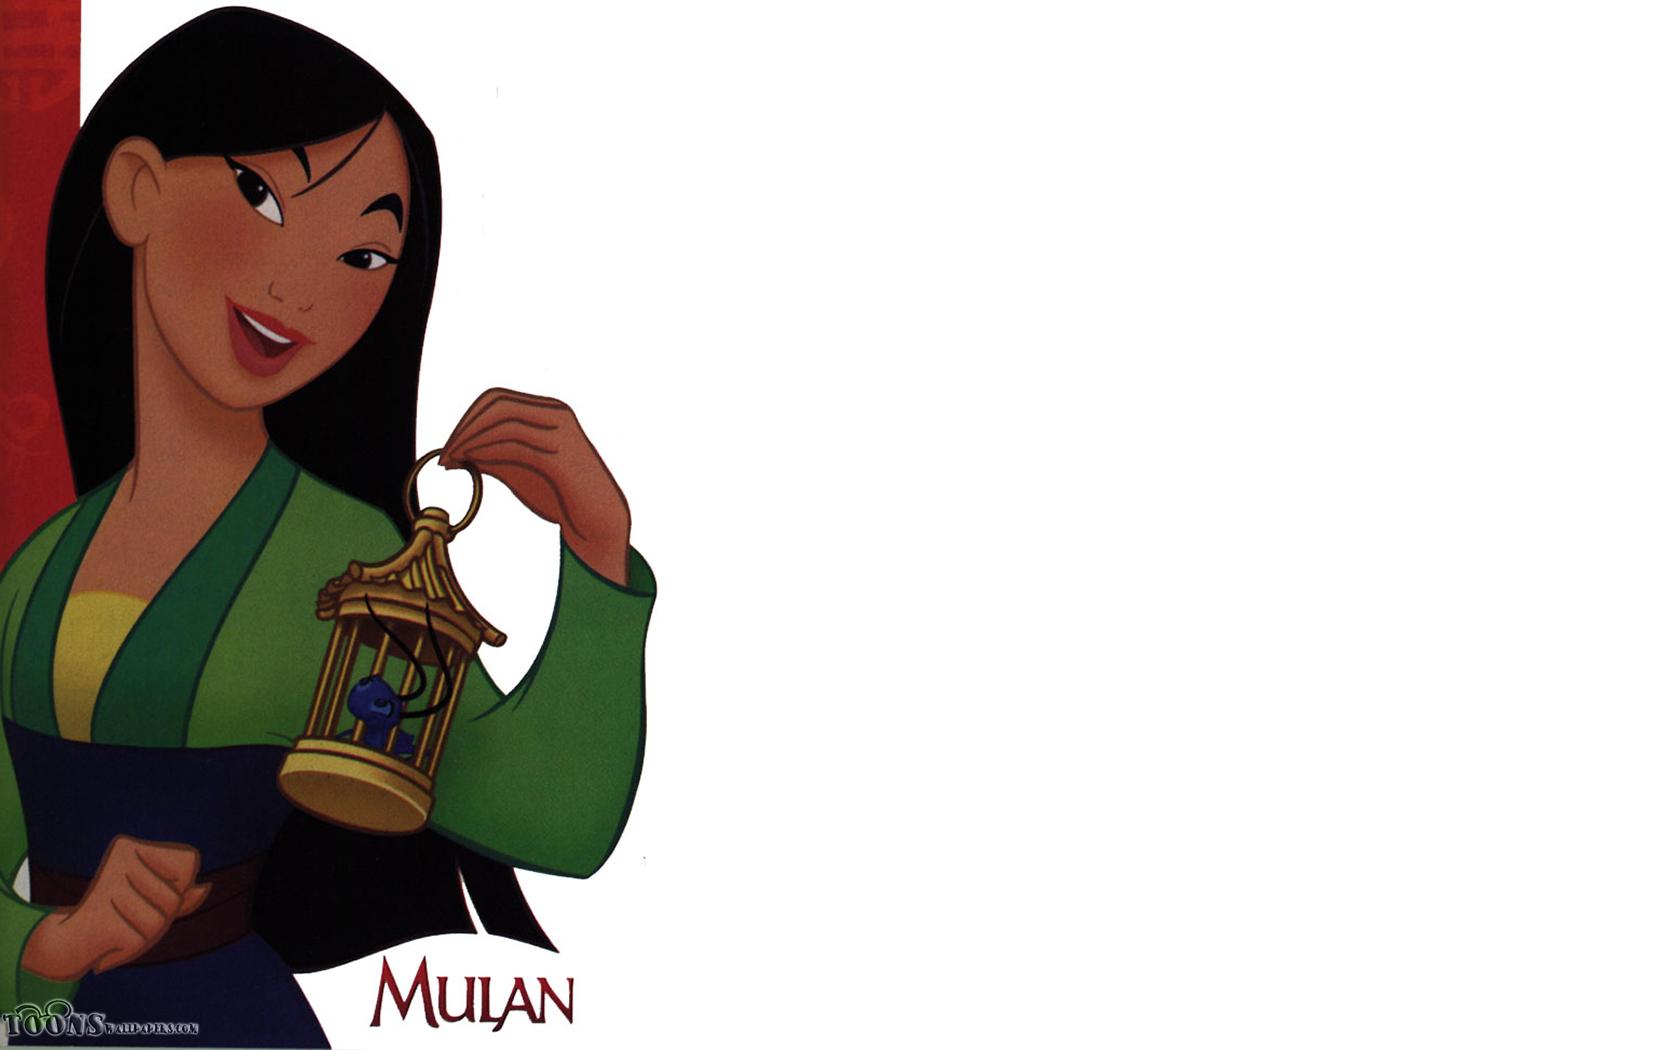 78 Mulan Background On Wallpapersafari